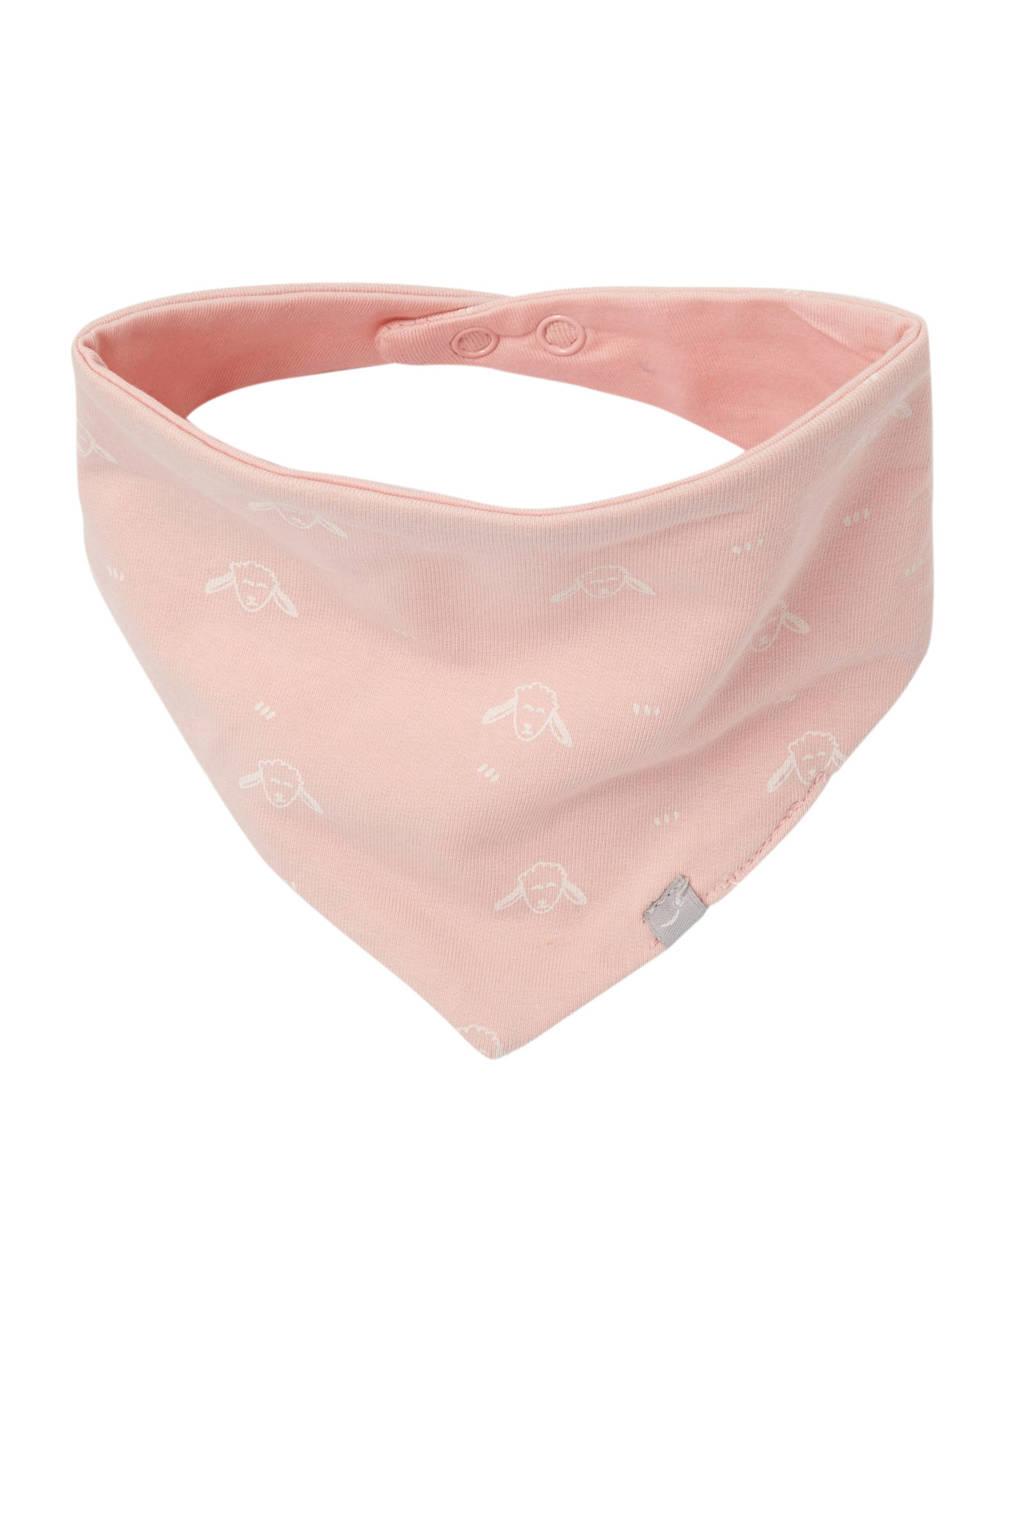 Babyface slab schaapjes roze, Lichtroze/wit